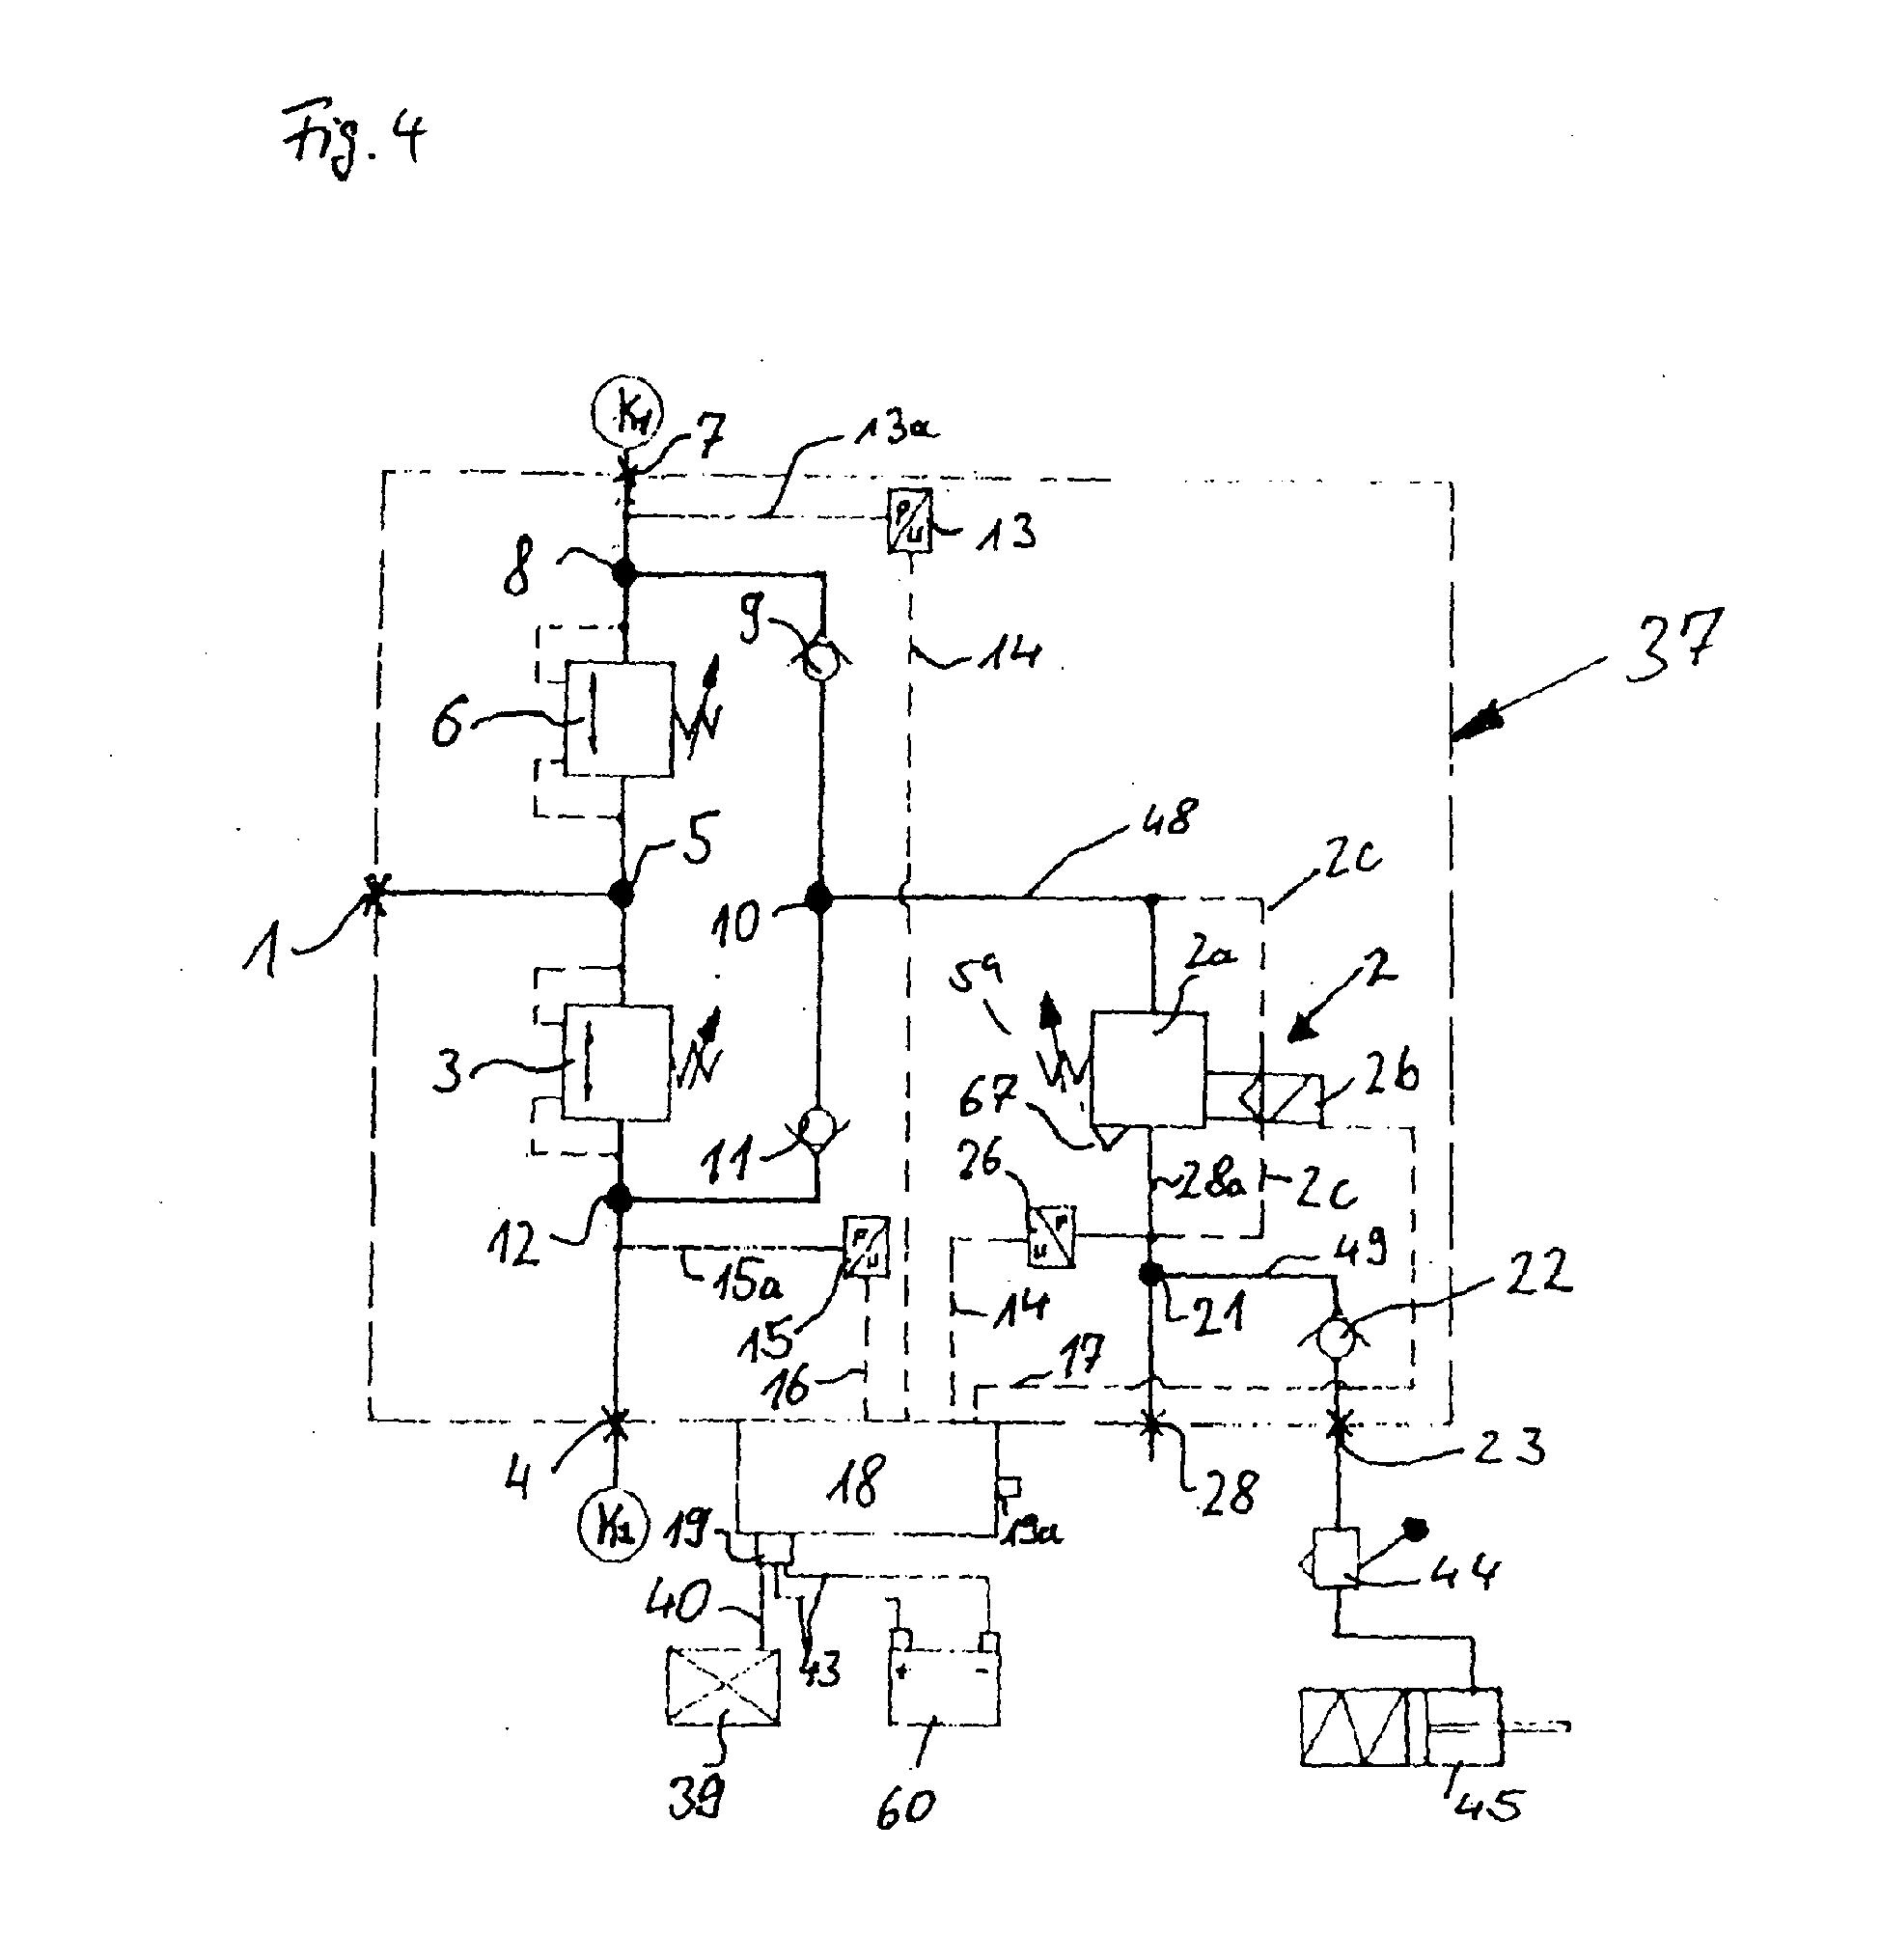 haldex wiring diagram